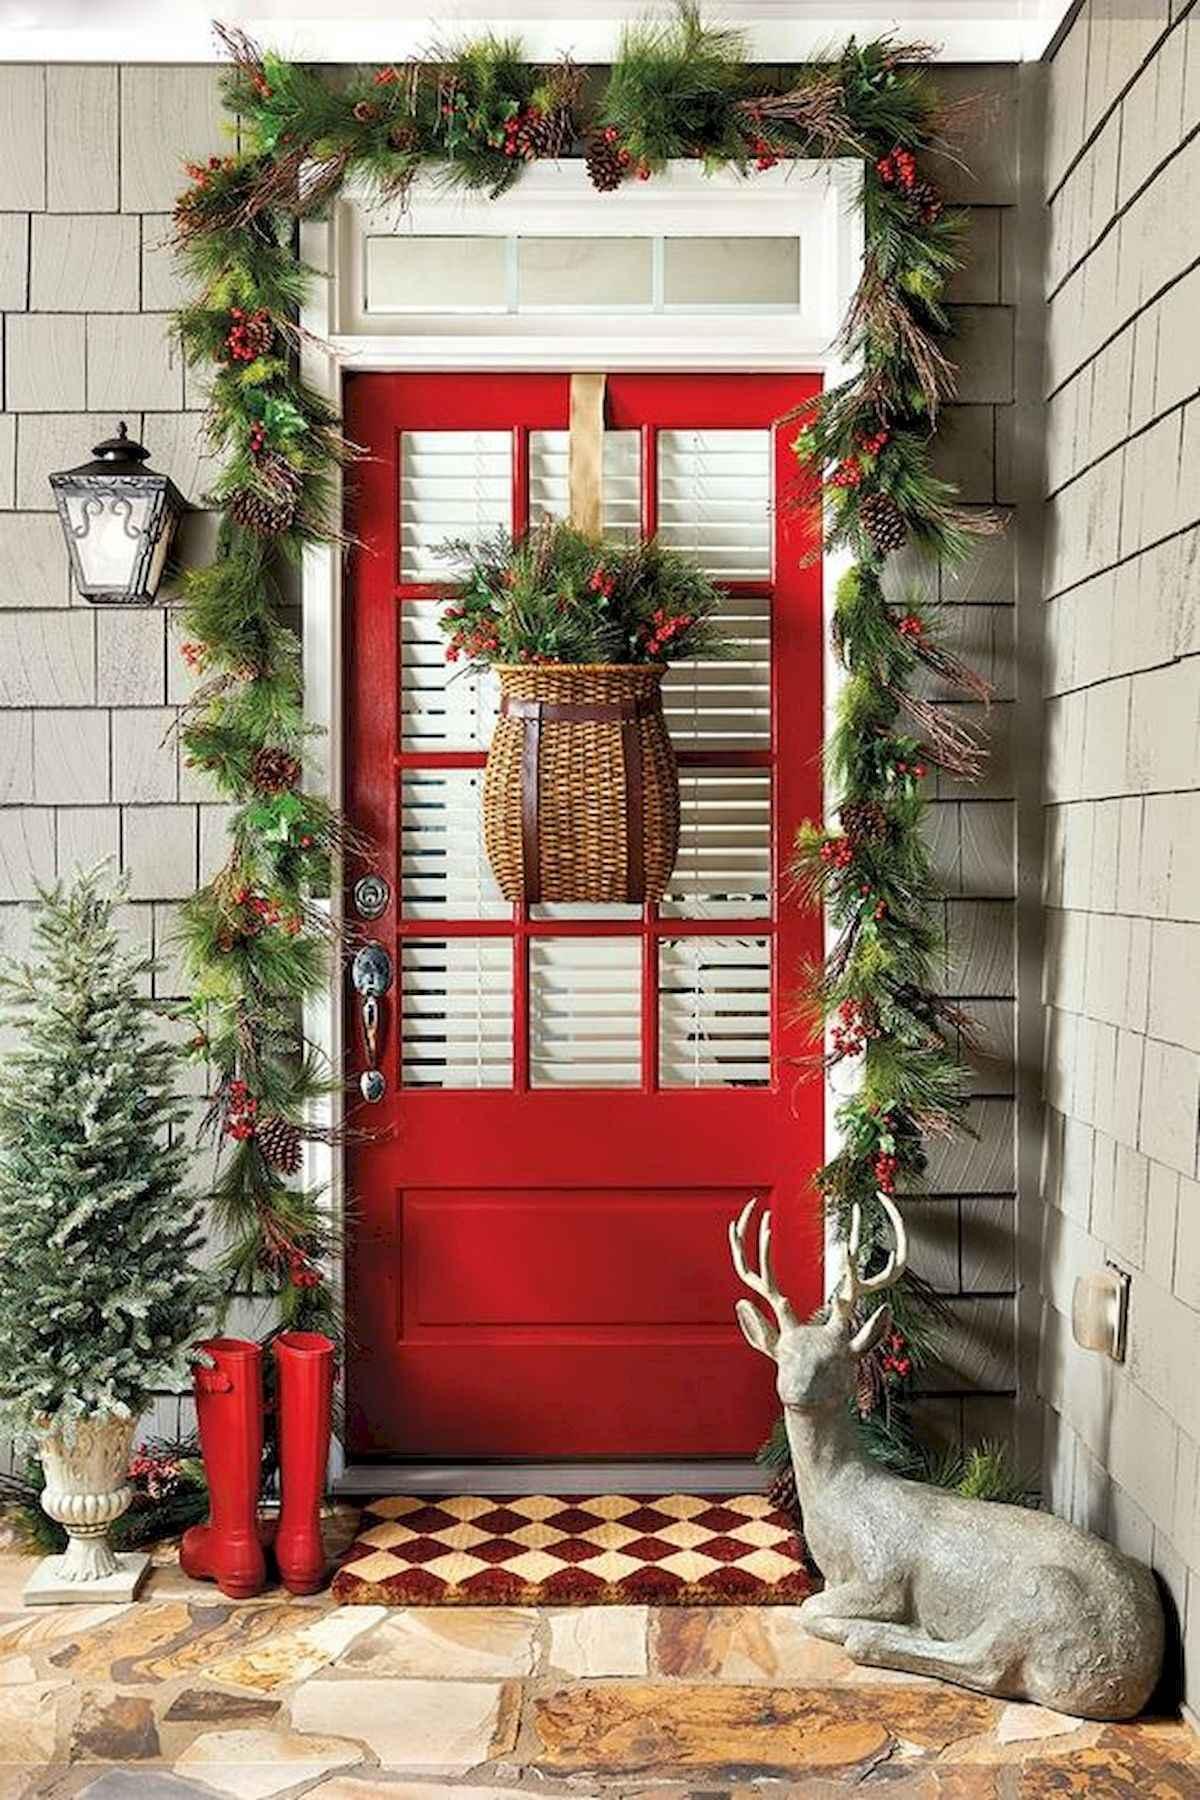 50 front porches farmhouse christmas decorations ideas (19). Published June 10, 2018 at 1200 × 1800 in 50 Front Porches Farmhouse Christmas Decorations ...